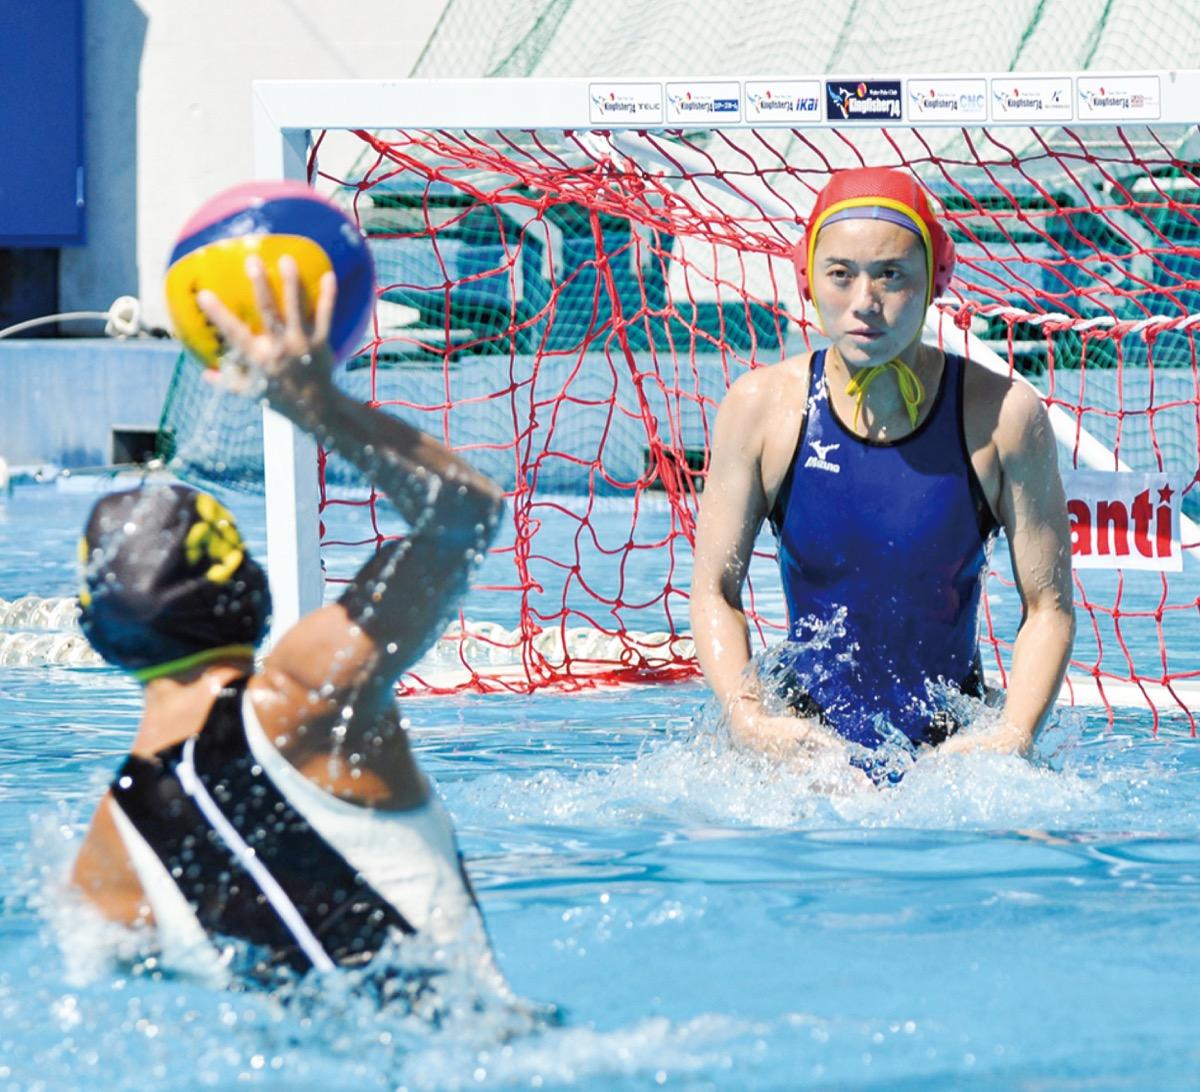 三浦選手が水球で五輪へ 白鵬女子教諭 「プレーで元気を」 | 鶴見区 | タウンニュース